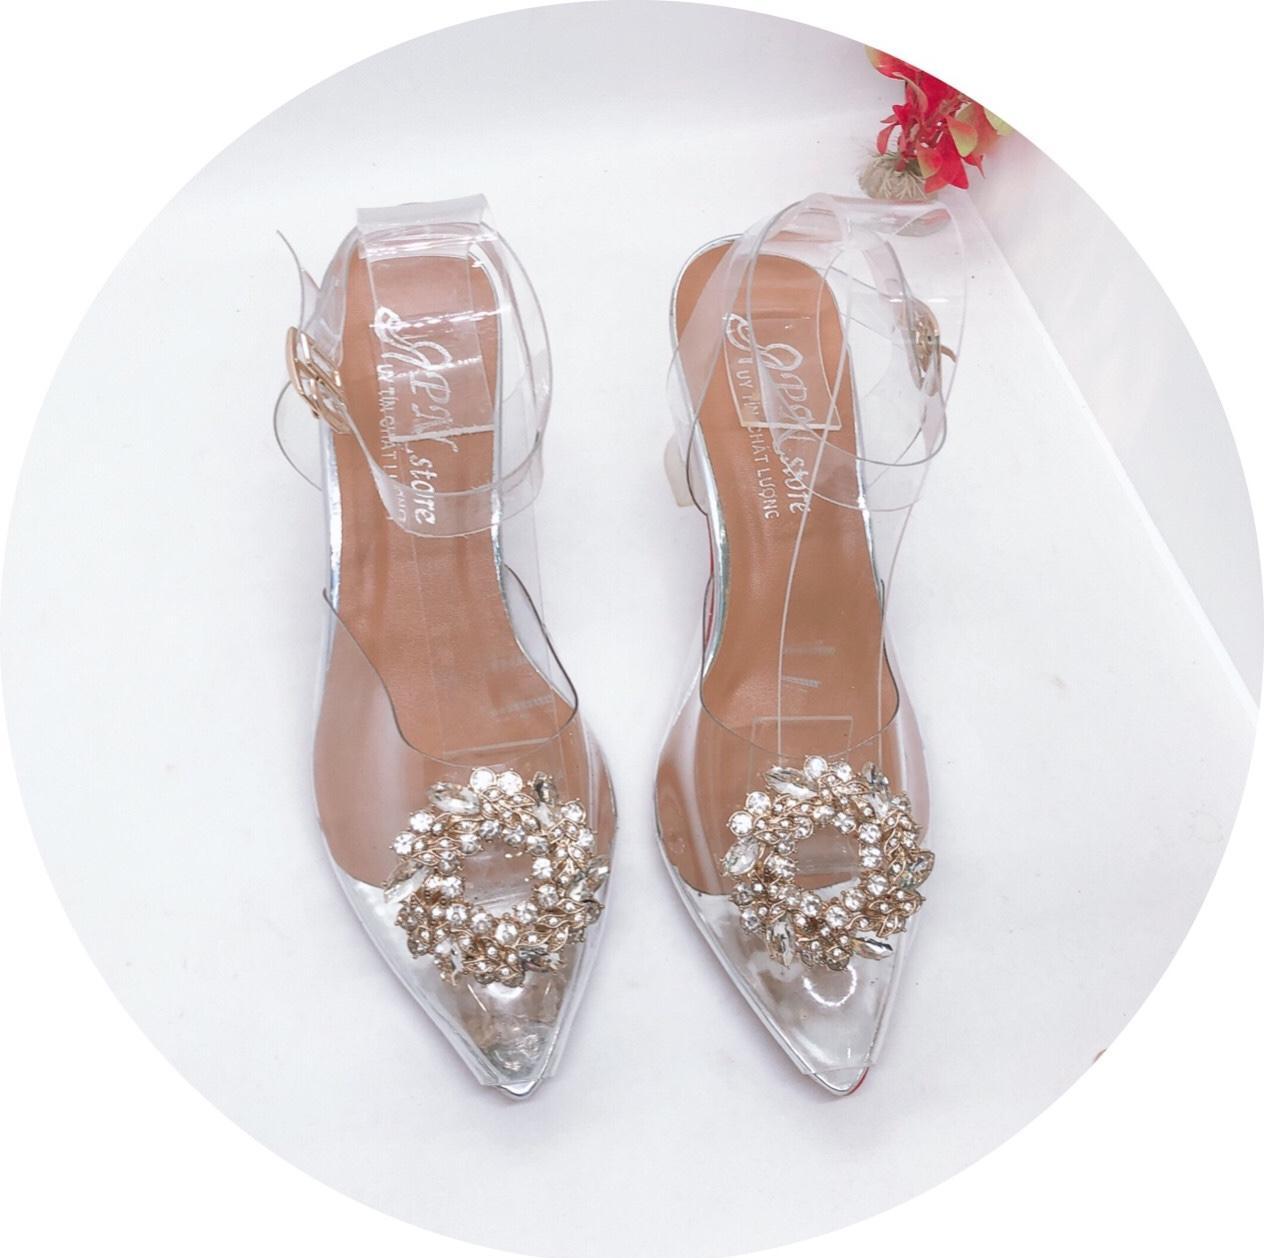 Giày  Cao Nữ Đẹp Khóa Hoa Lúa Quai Hậu Mica Cao Cấp Cao 7 Cm Phong Cách Hàn Quốc ( Tặng Ví Nữ Ngẵn Cao Cấp Mẫu Ngẫu Nhiên)